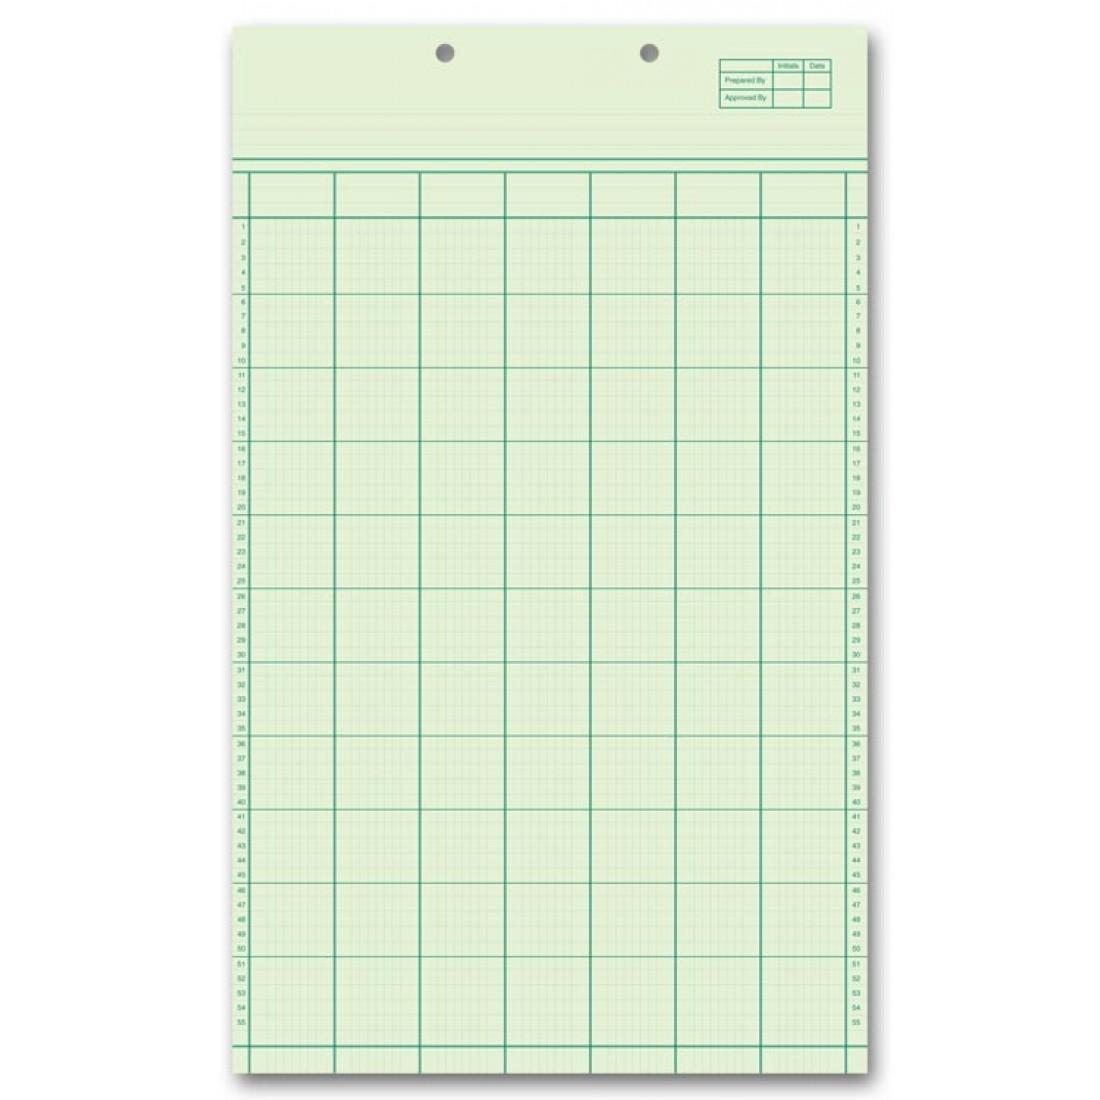 Legal Size Columnar Work Sheets At Print Ez